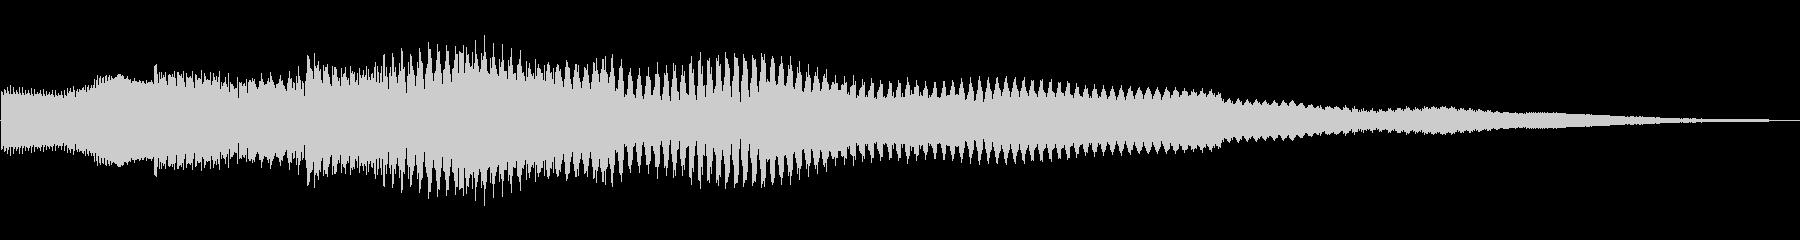 ピコピコーン!!クイズ回答タッチ 01の未再生の波形